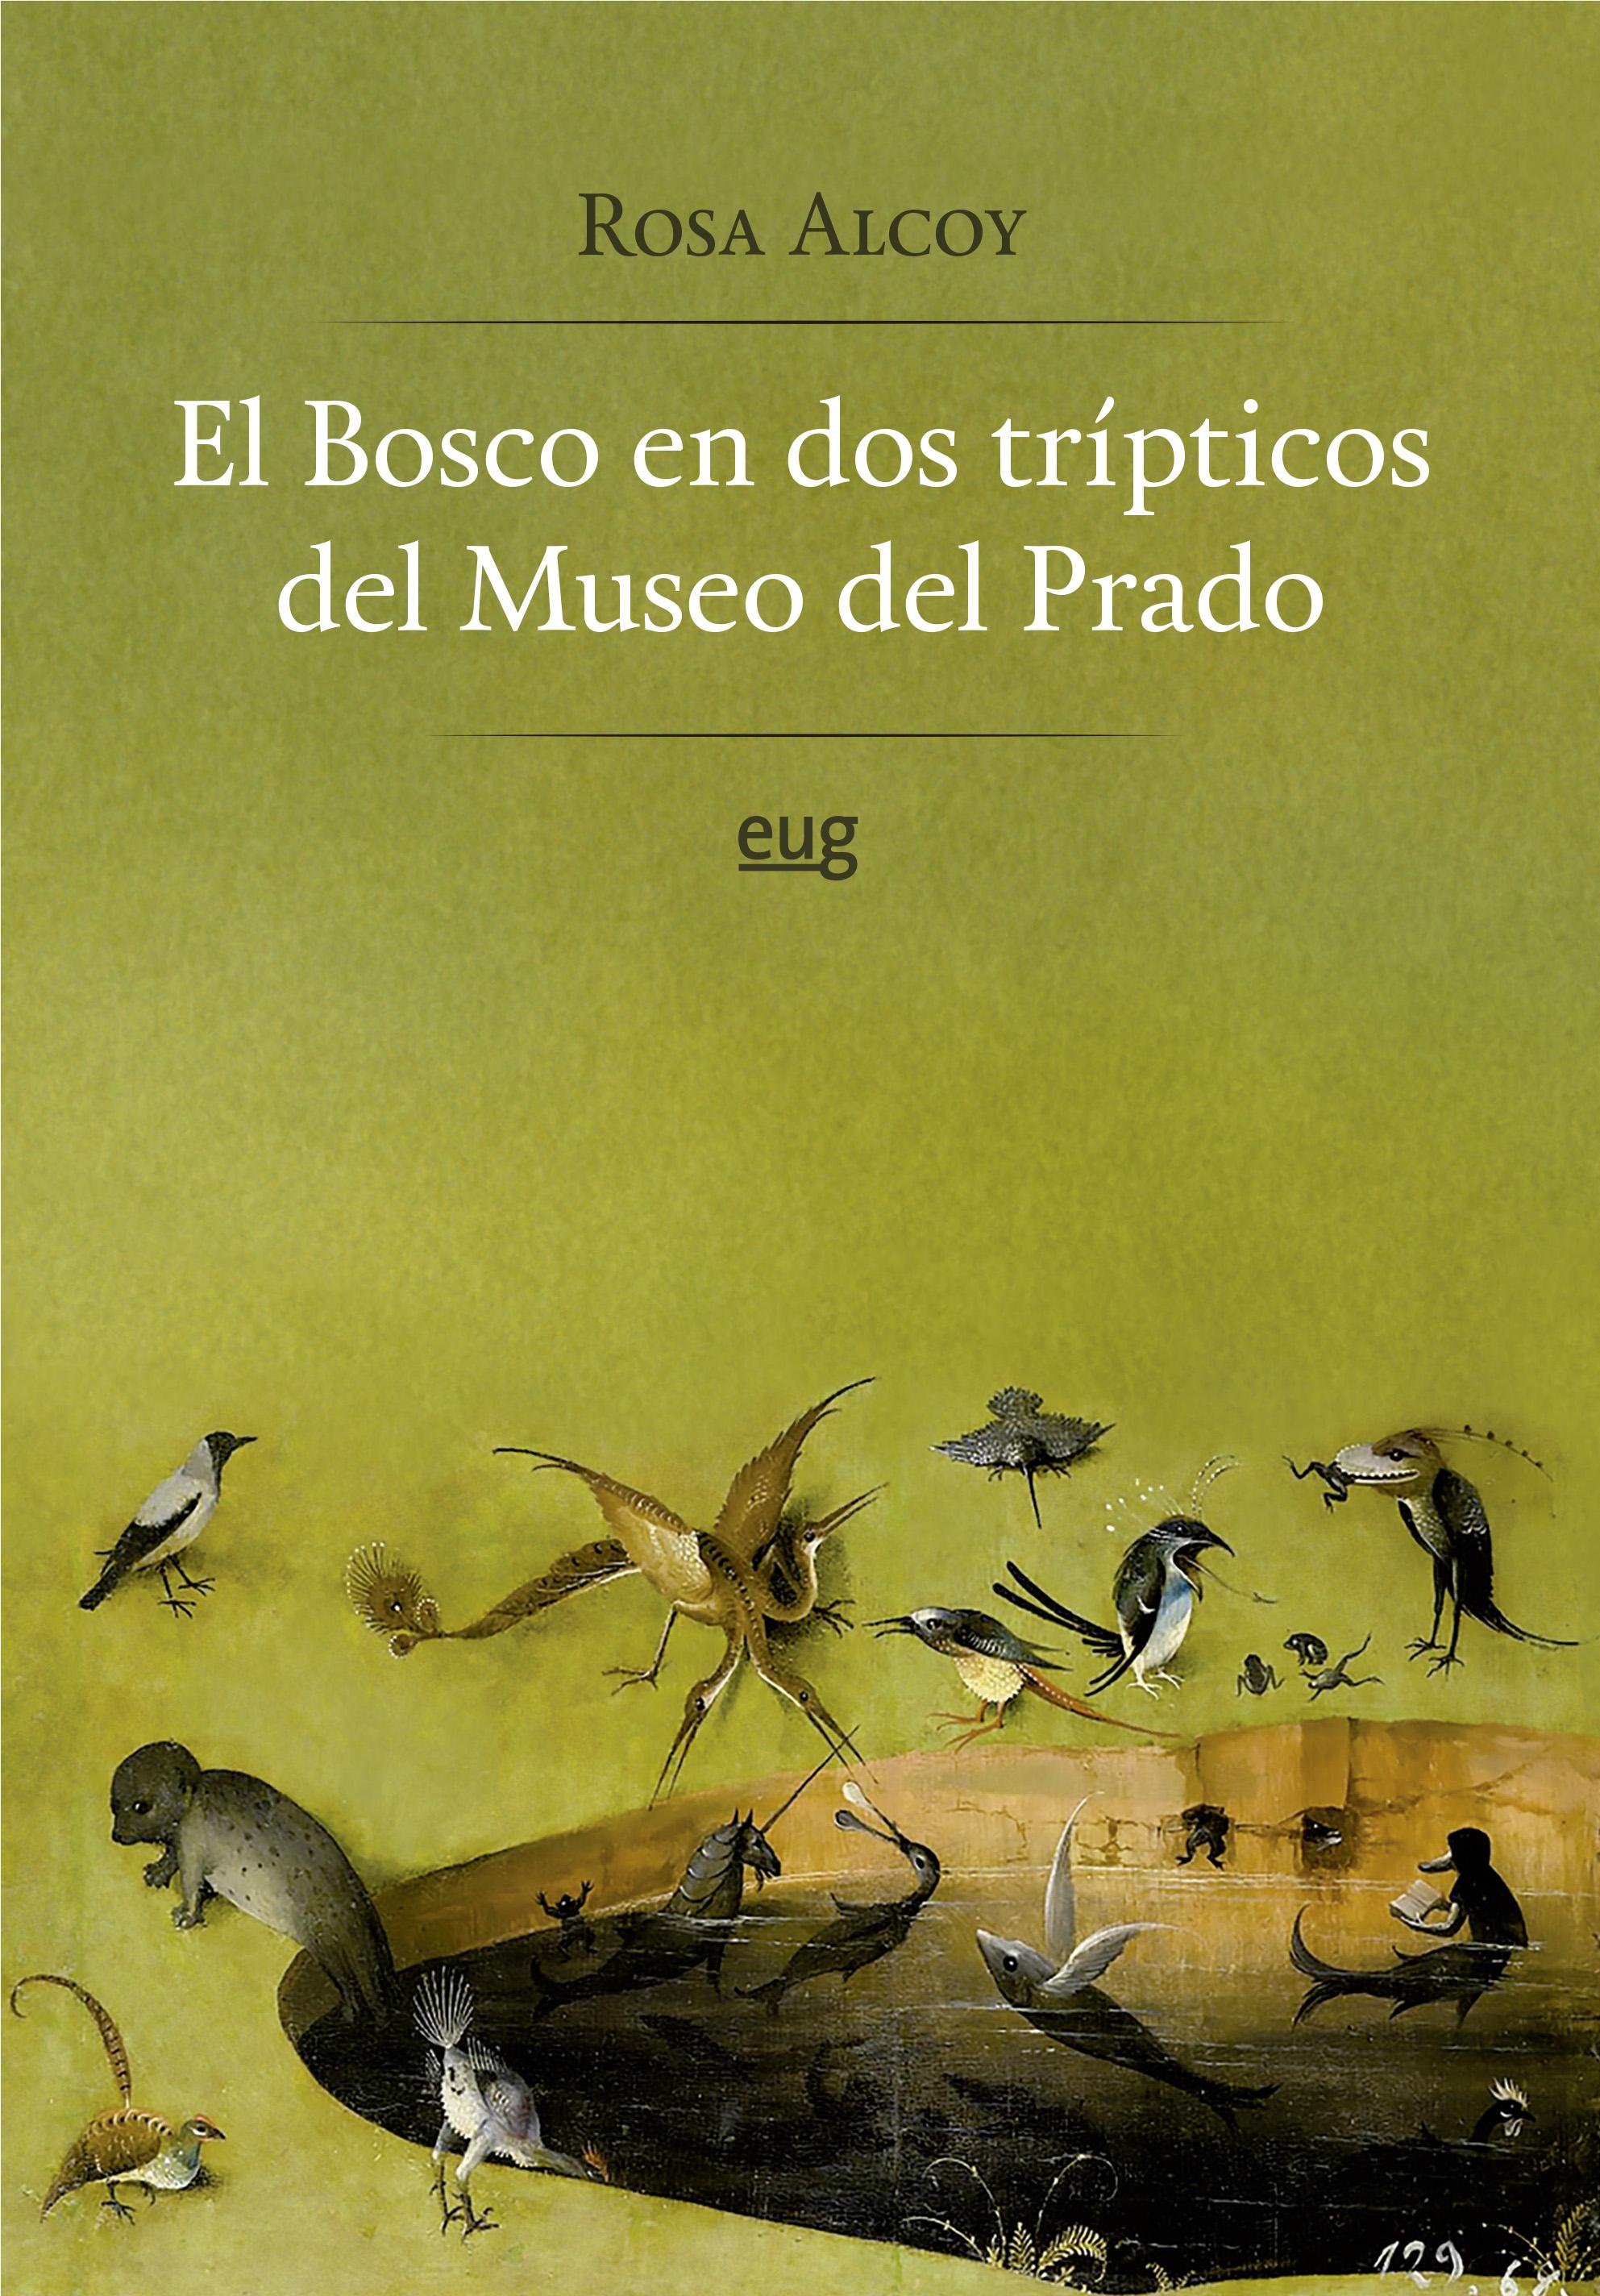 El Bosco en dos trípticos del Museo del Prado